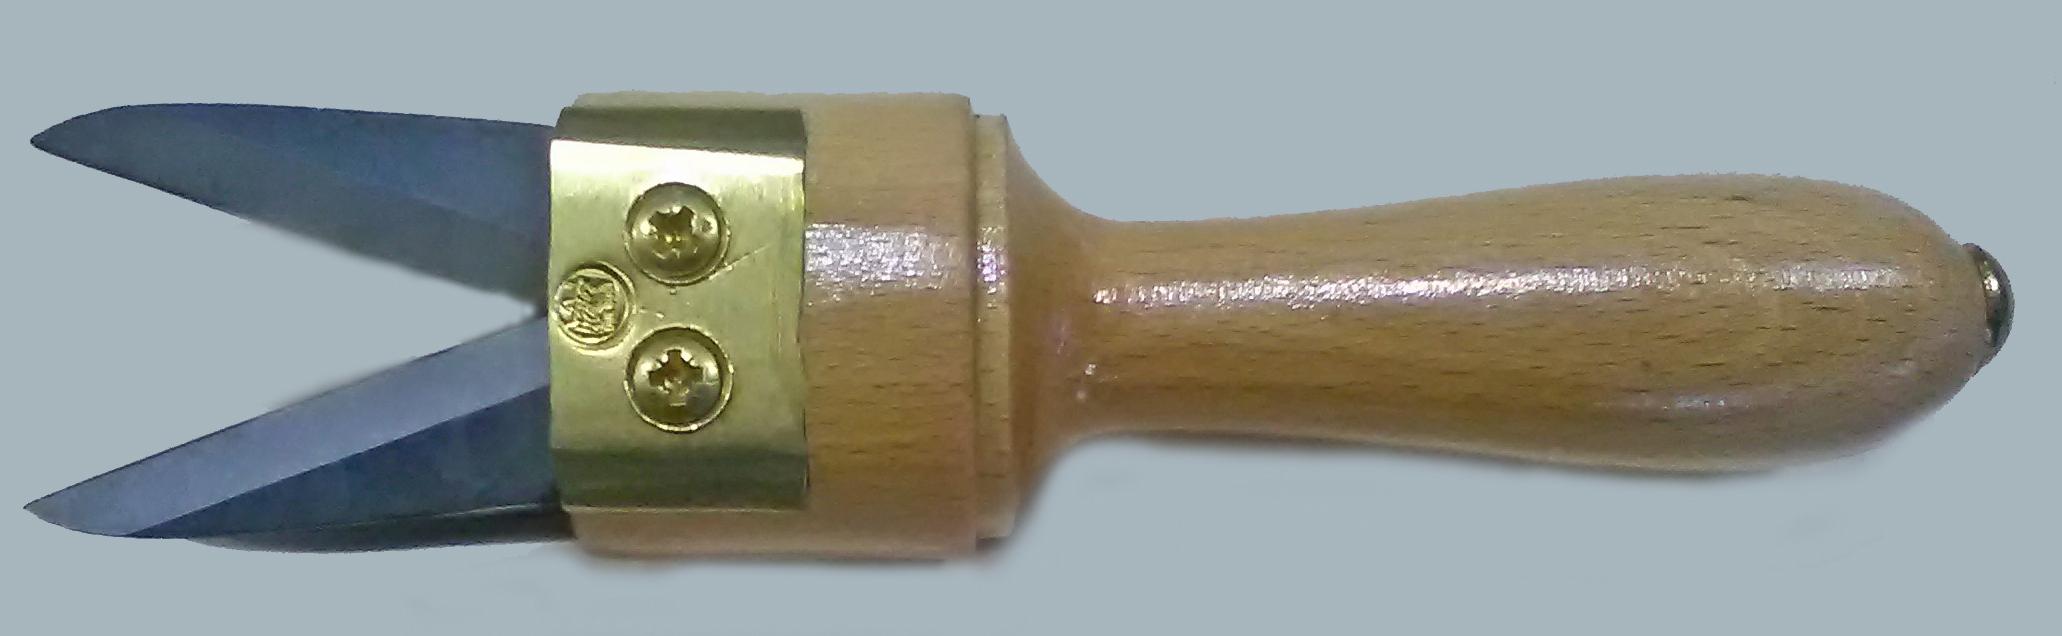 Navaja 4 cuchillas DB 266L